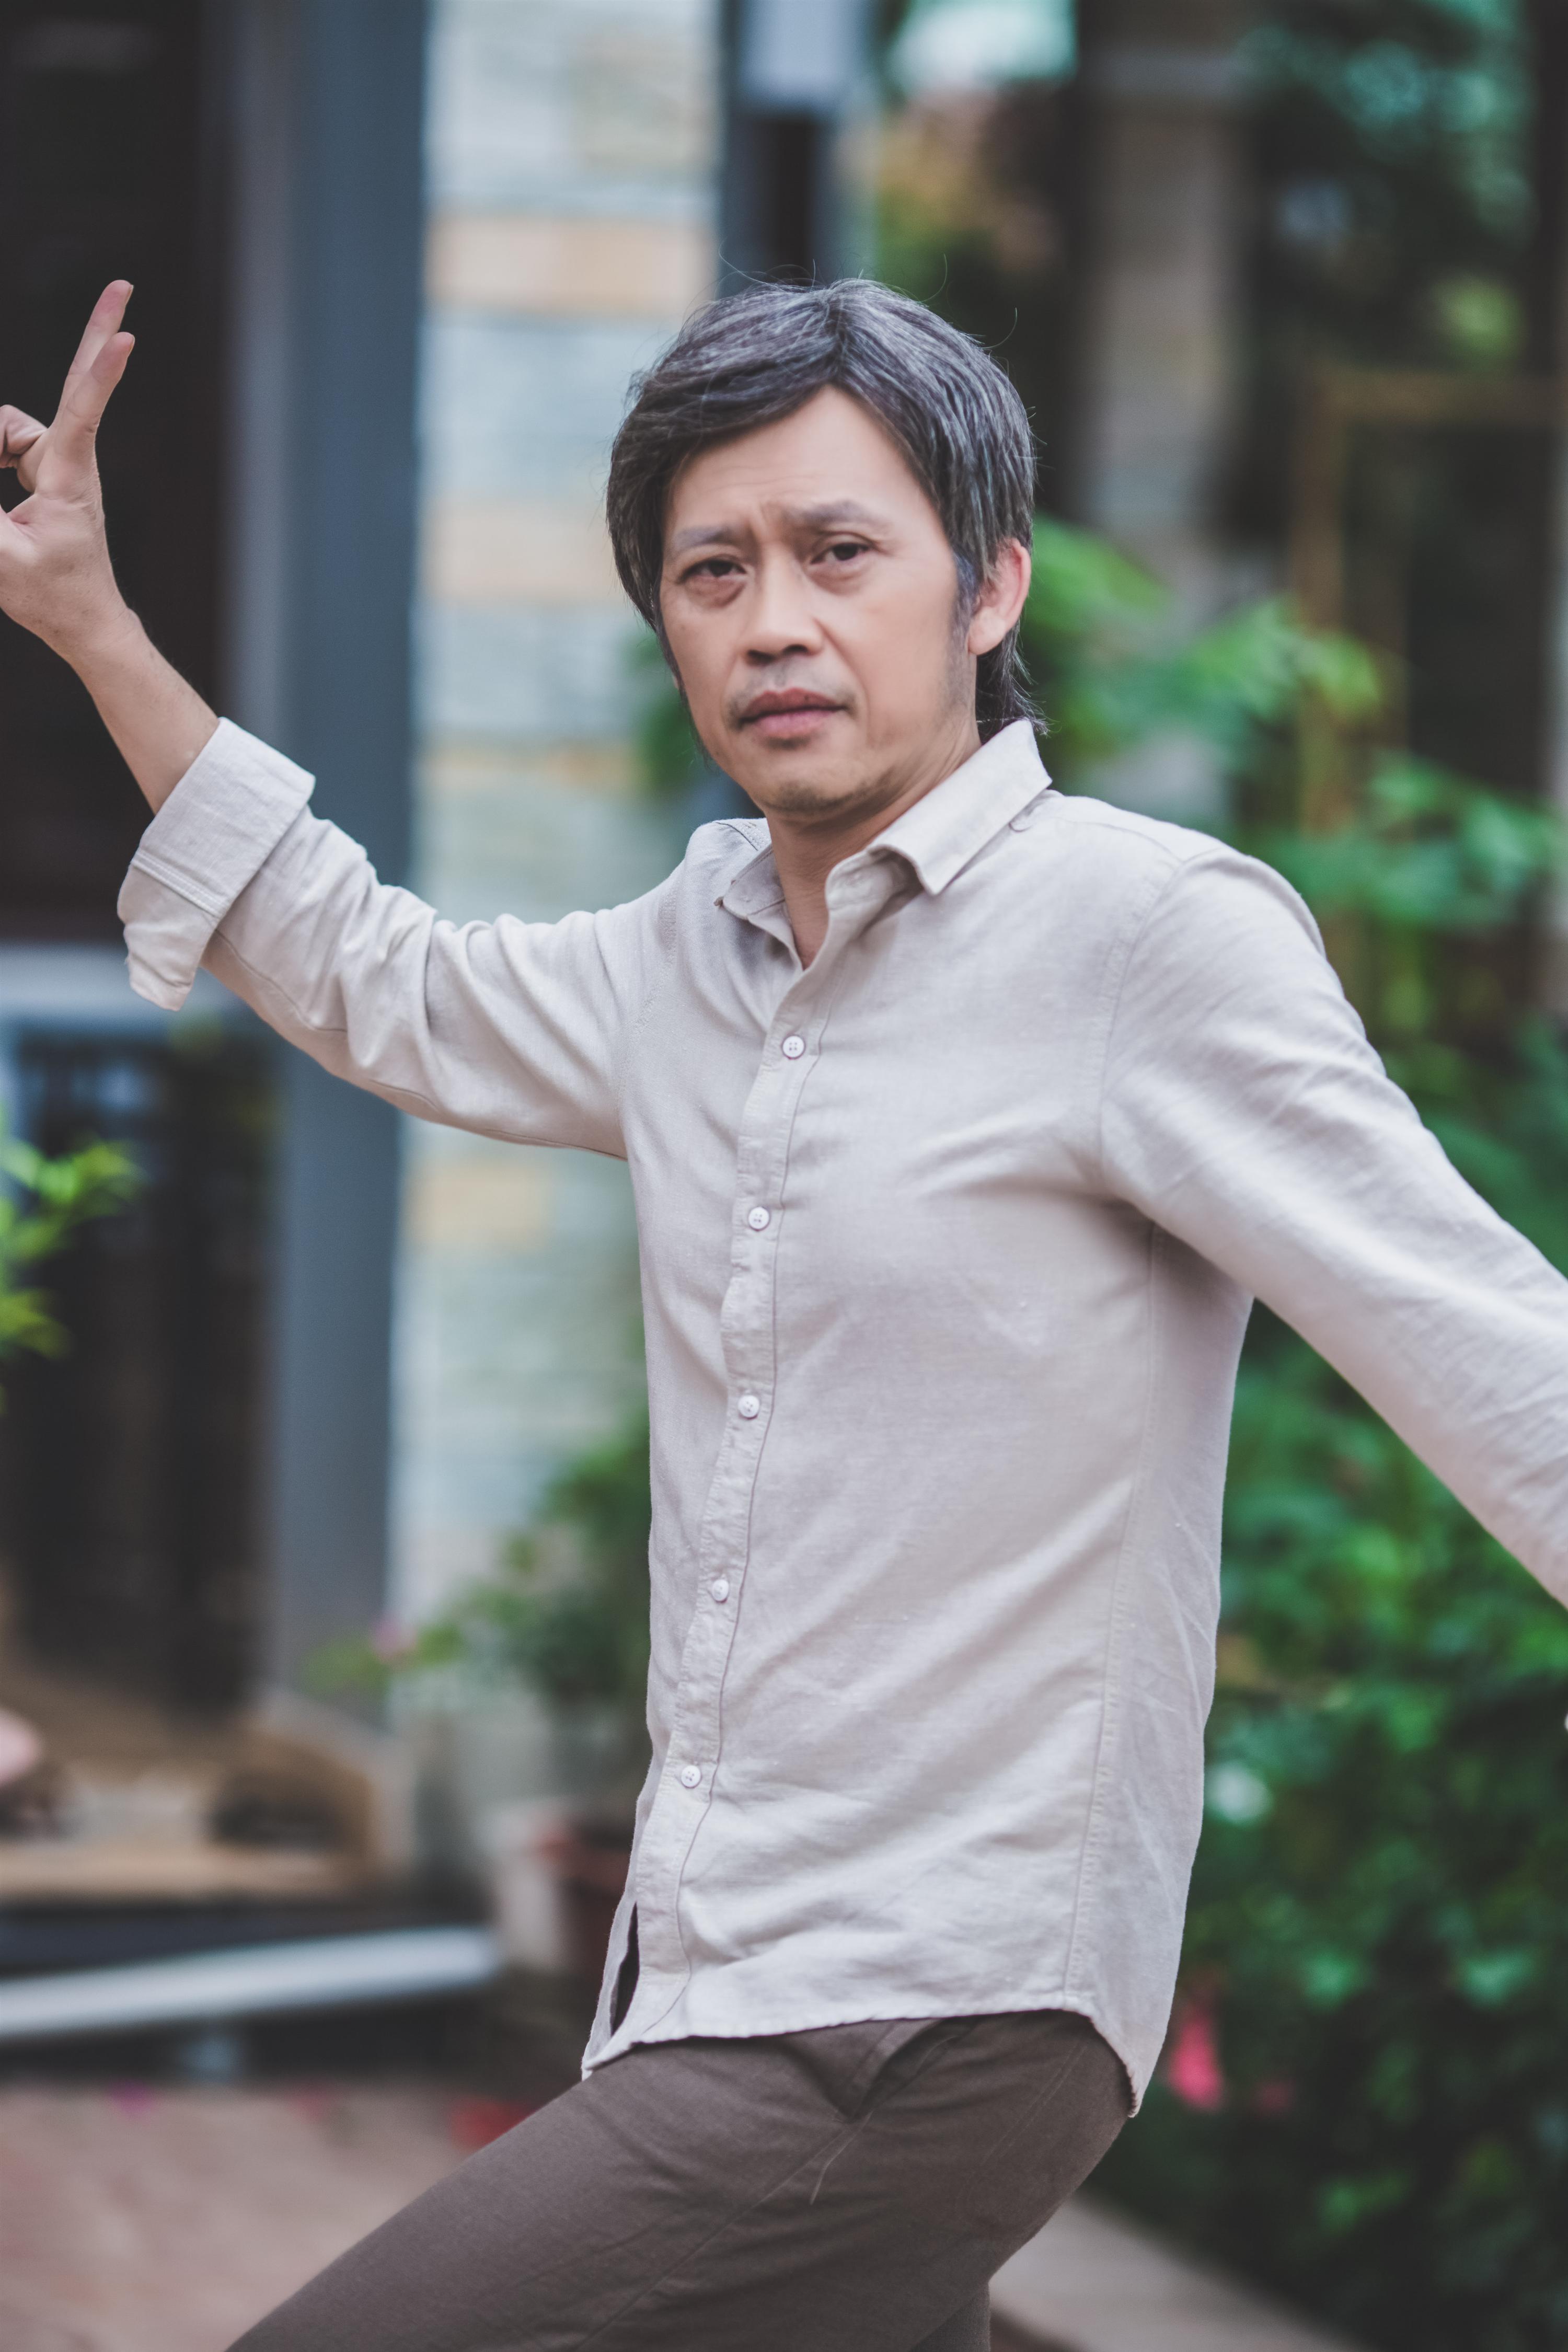 Hoài Linh bất ngờ tiết lộ tự tử 4 lần vì thất tình nhưng không chết-4